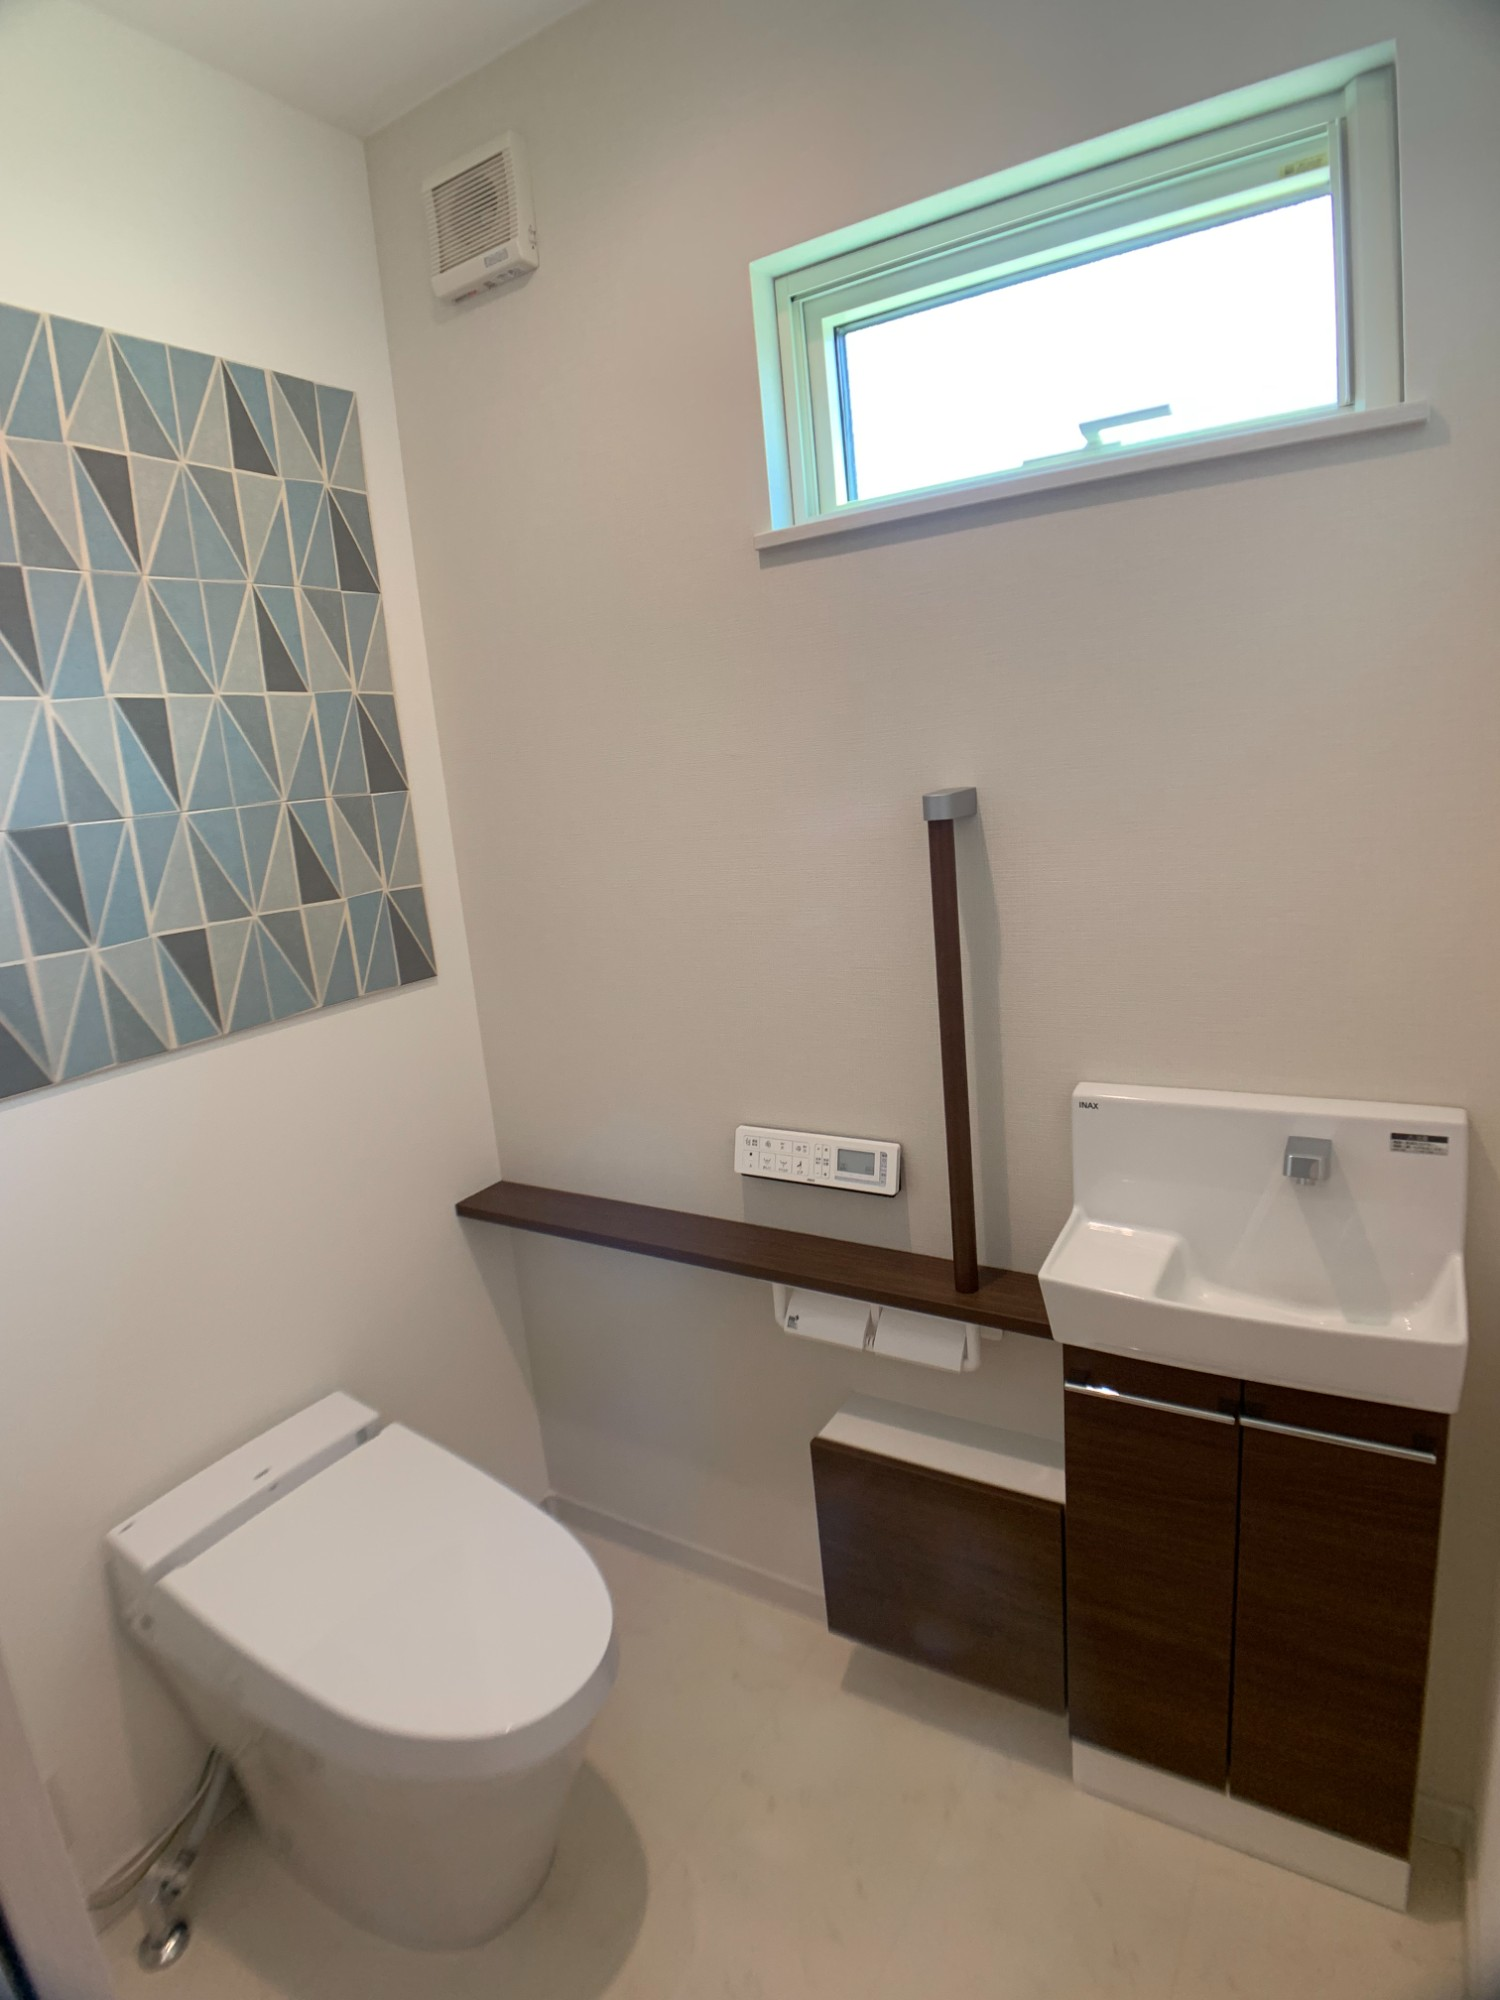 「【施工事例】新しい生活様式を取り入れた子育て世代の住宅」のトイレの実例写真